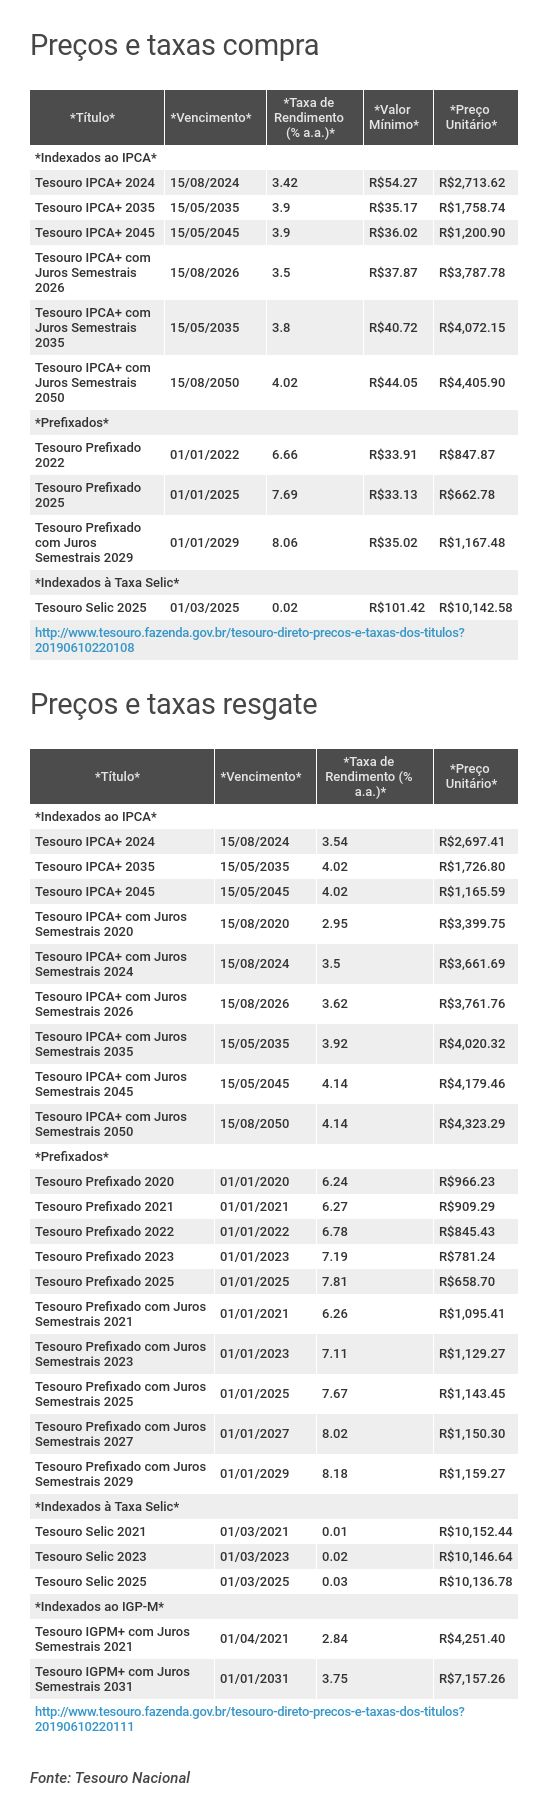 Preços e taxas do Tesouro Direto em 10 de junho de 2019 - fechamento